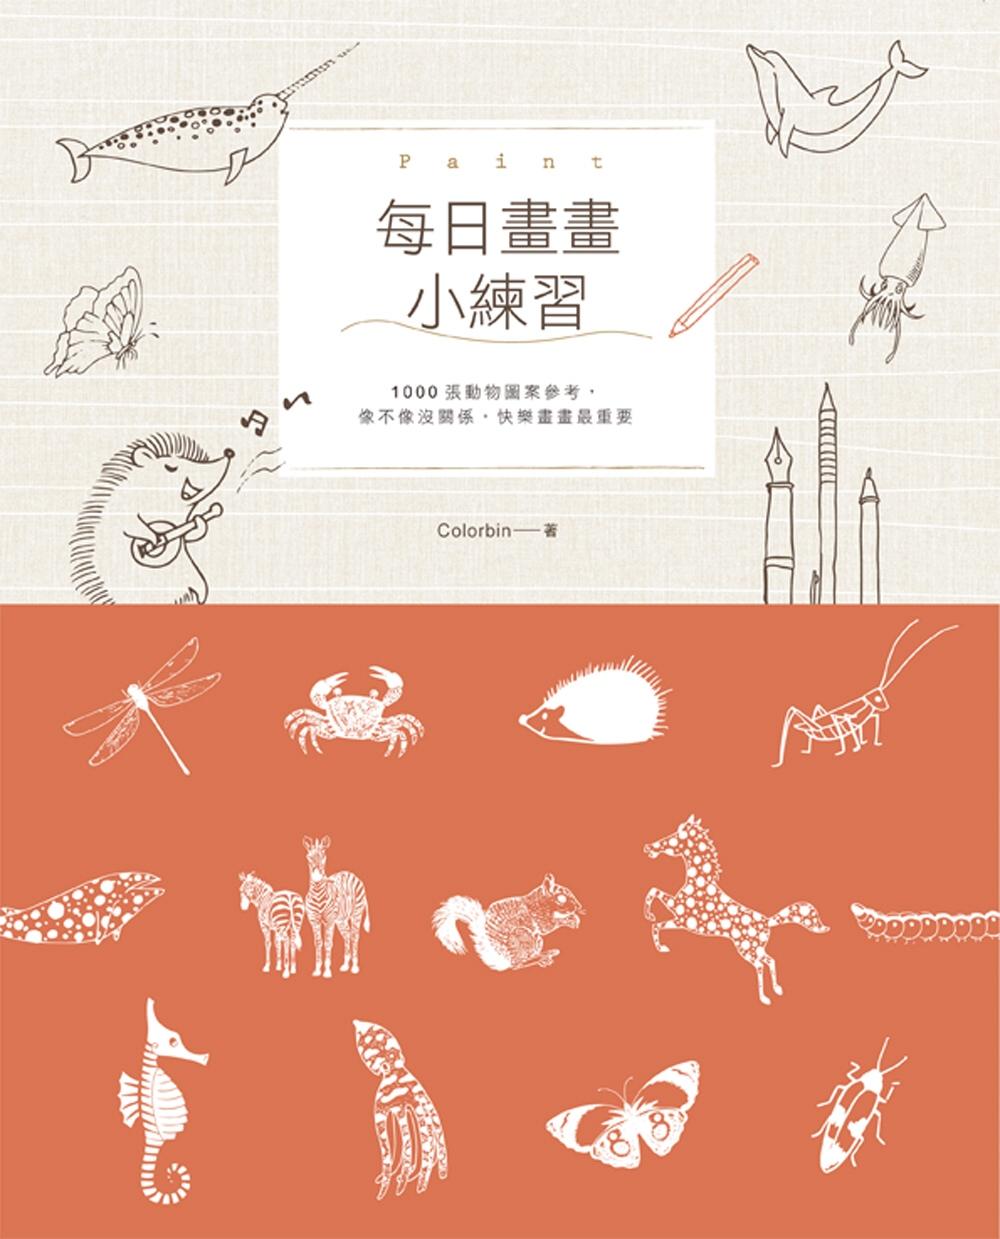 每日畫畫小練習:1000張動物圖案參考,像不像沒關係,快樂畫畫最重要